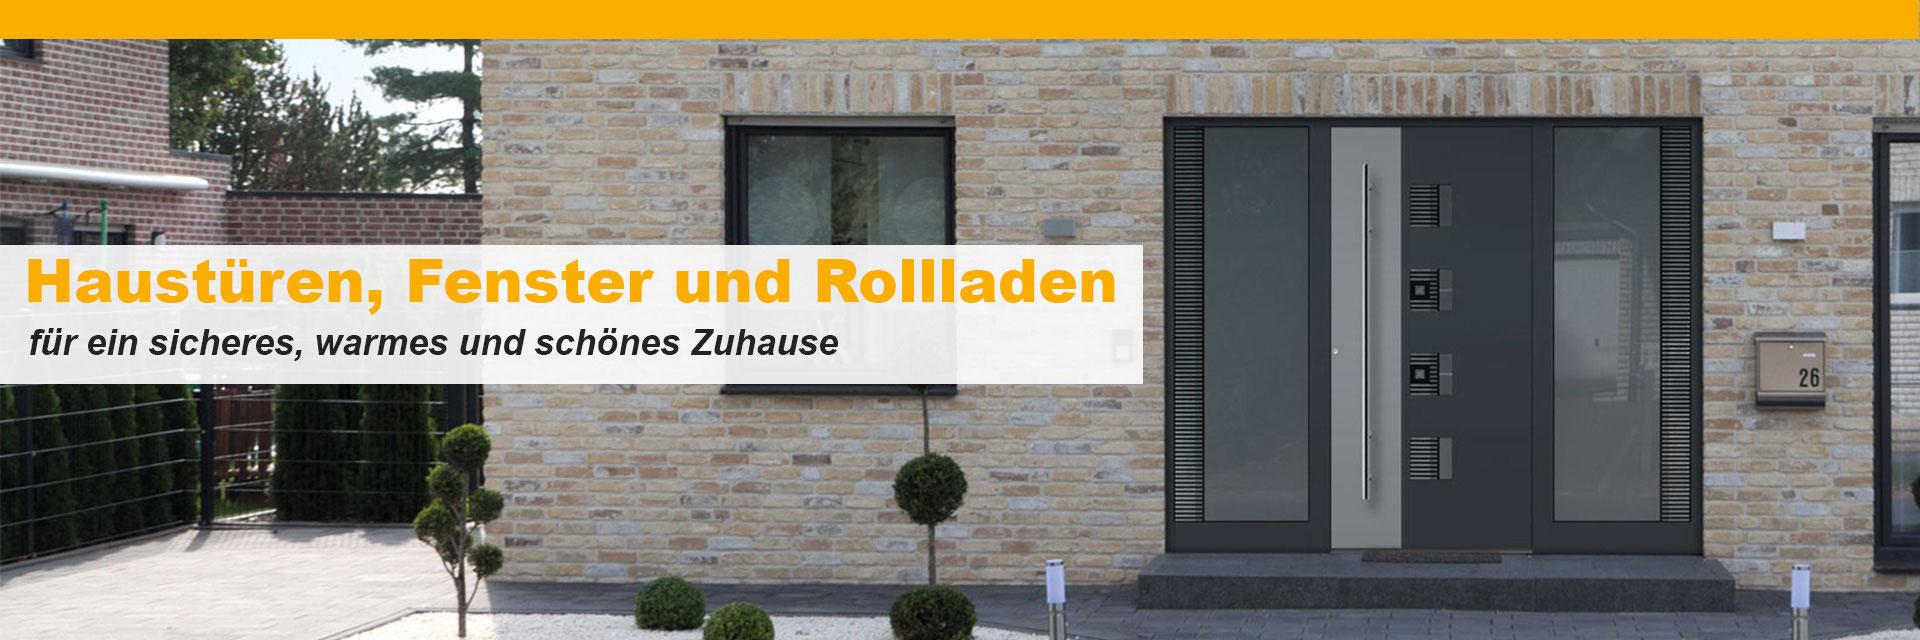 Fenster Euskirchen kompotherm sicherheits haustüren rc2 wk2